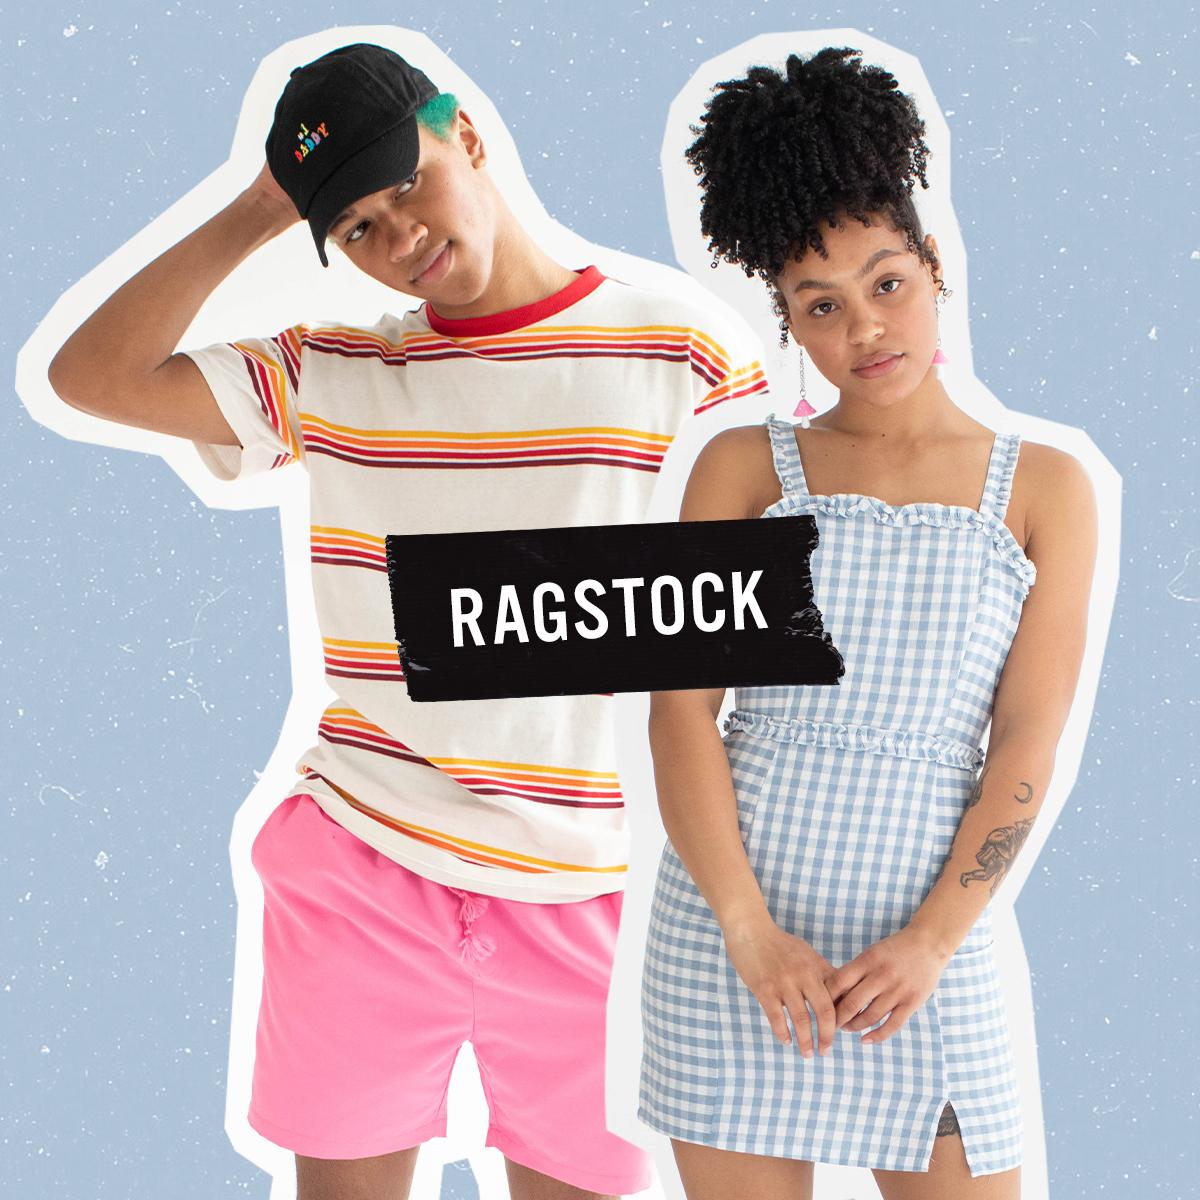 Ragstock